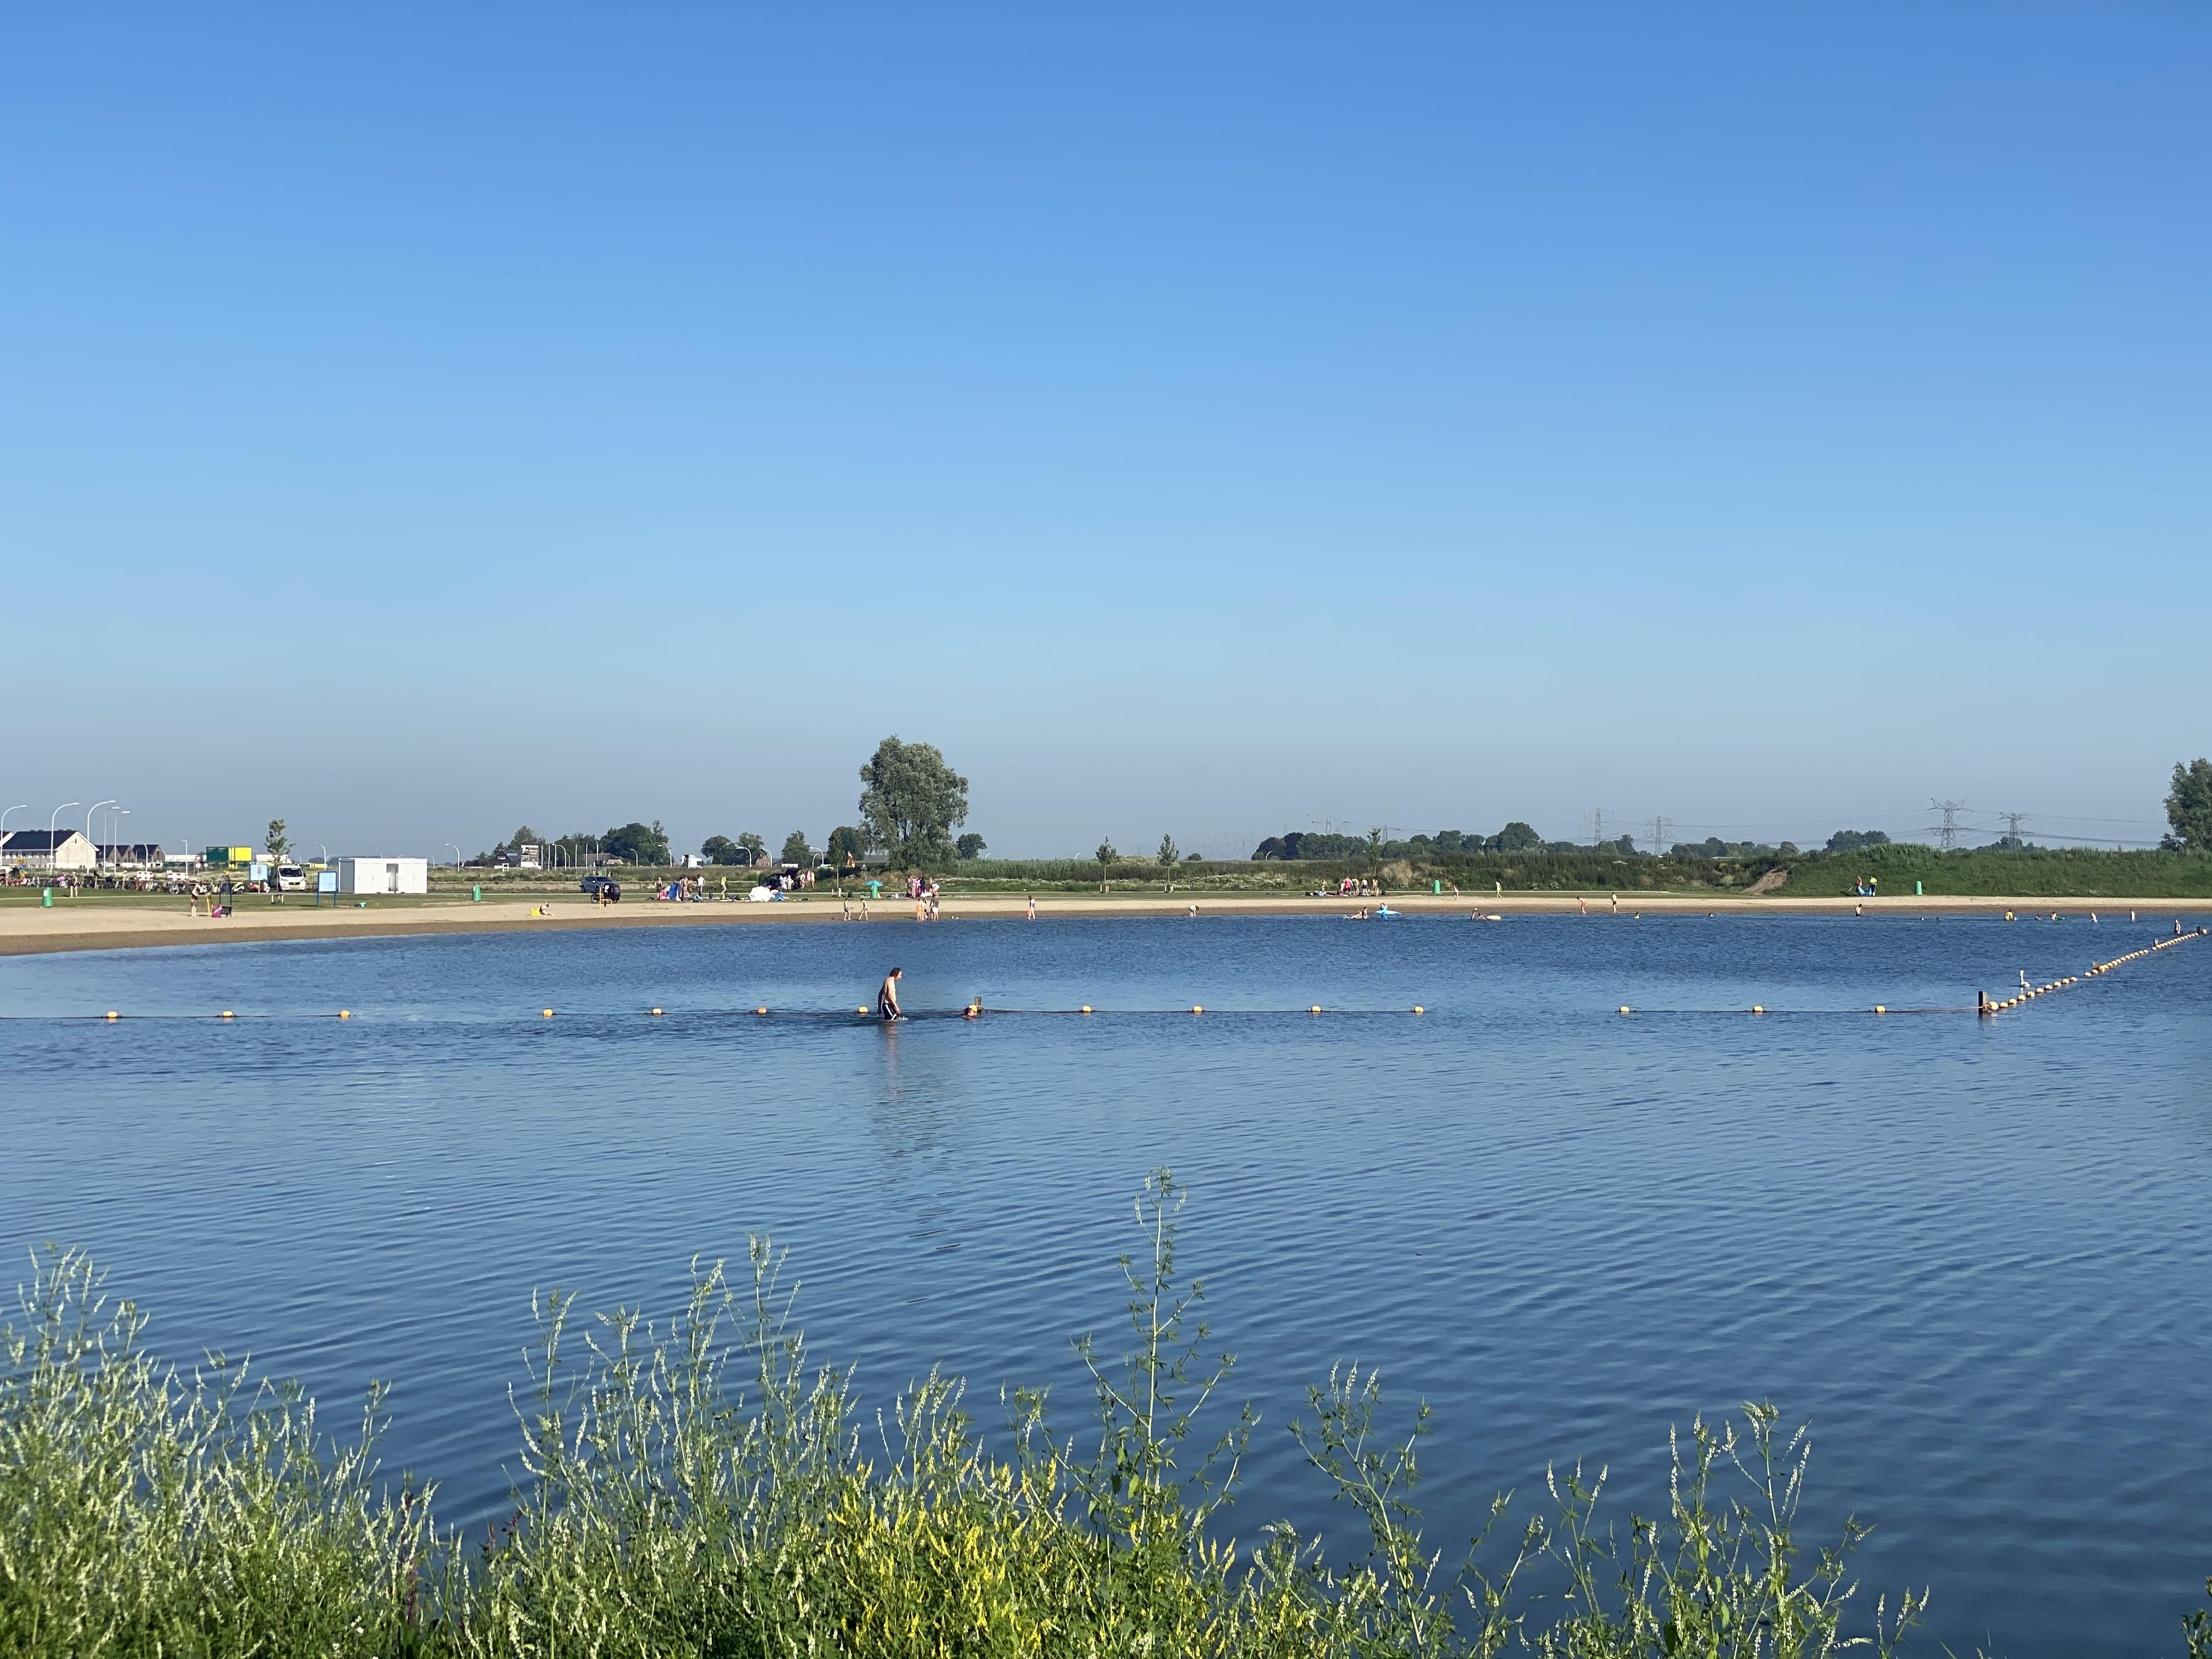 Koudwatervrees in Stadshagen